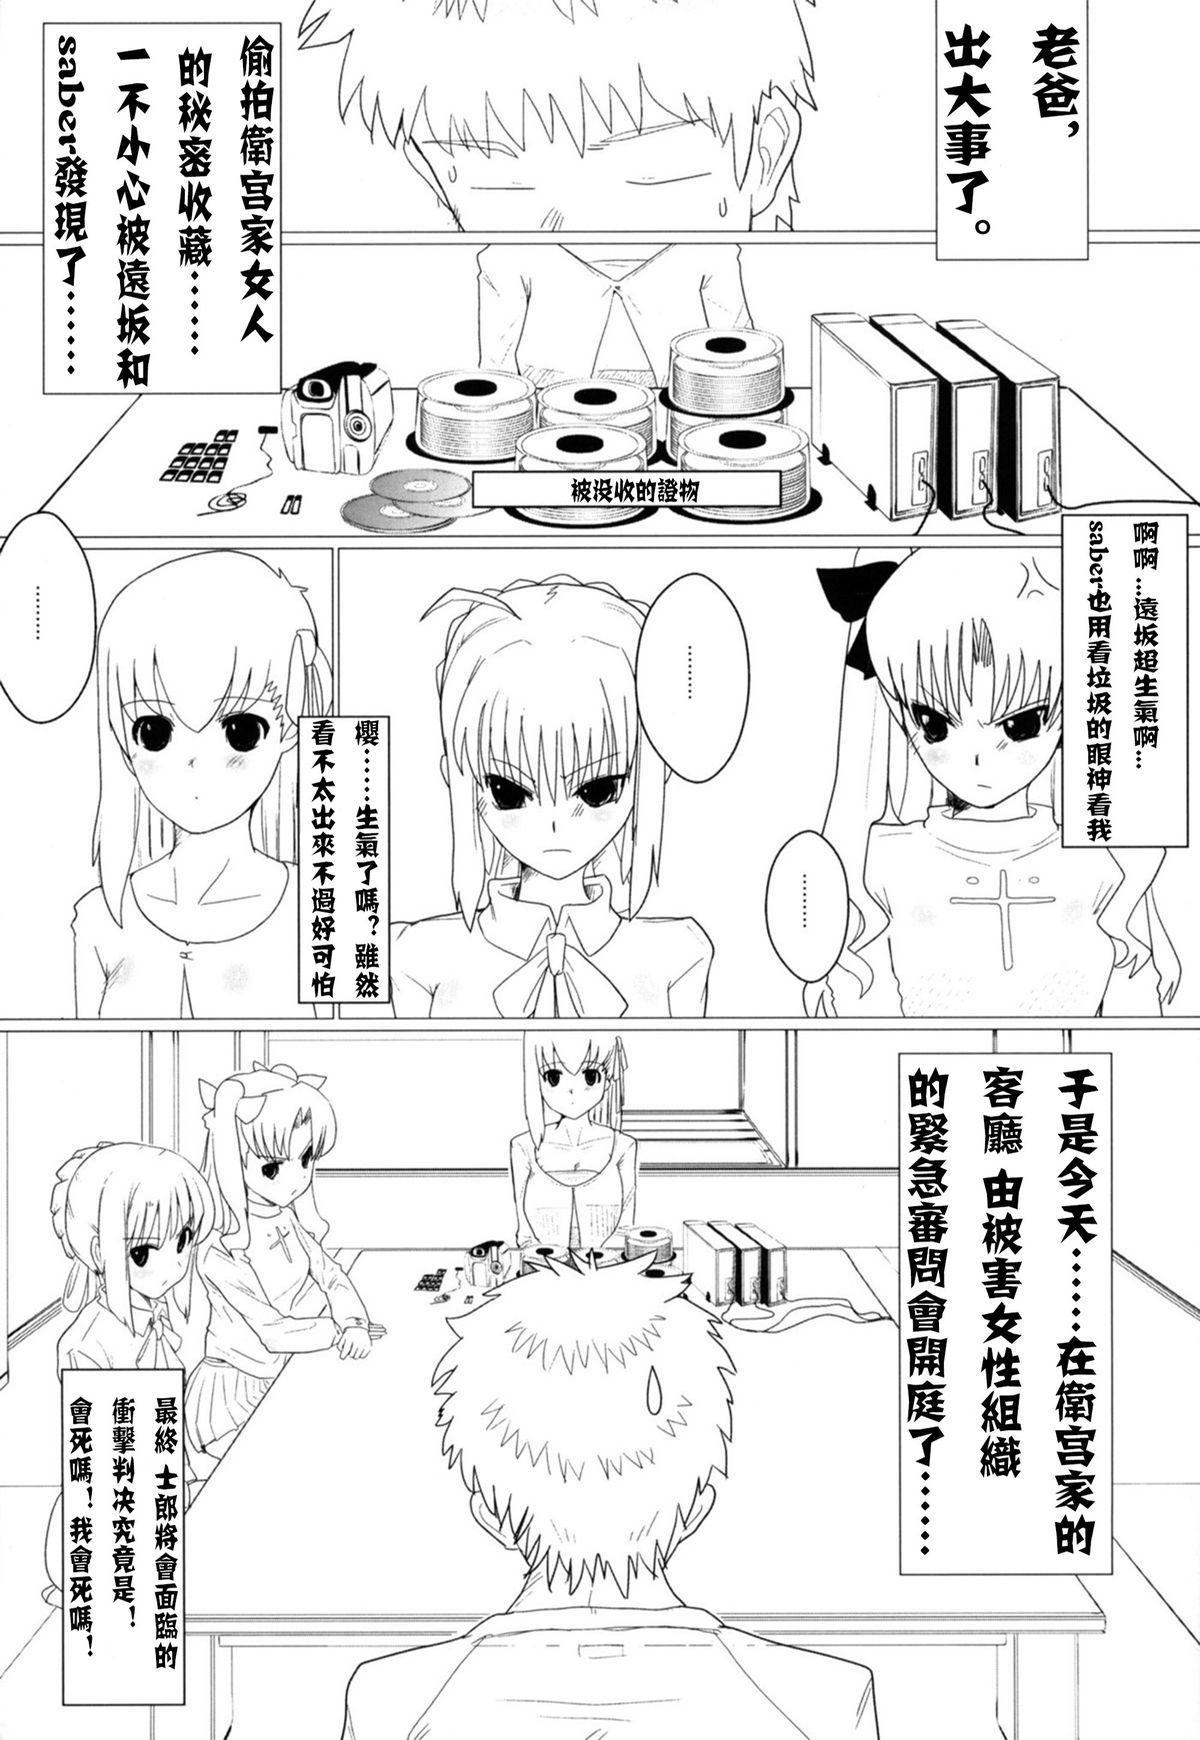 Itanshinmon Zettai Shikei 4